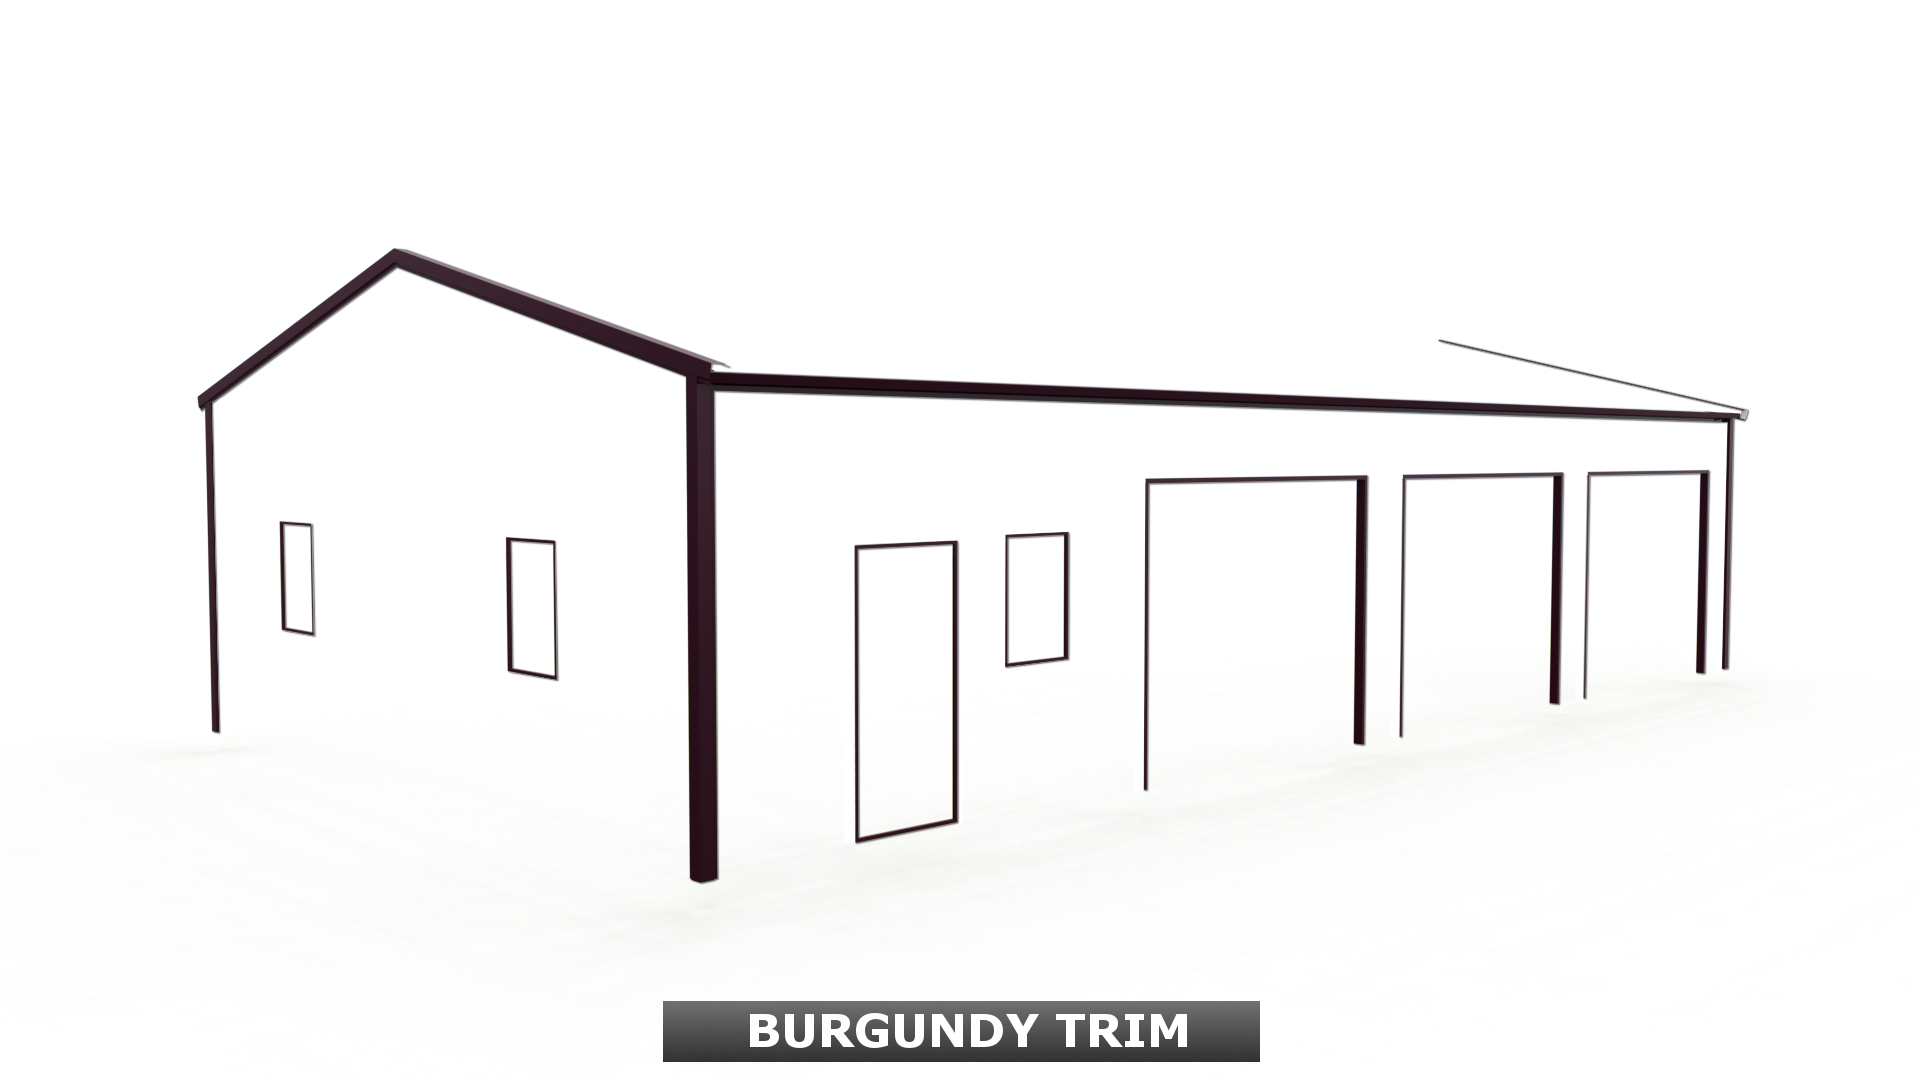 BURGUNDY TRIM